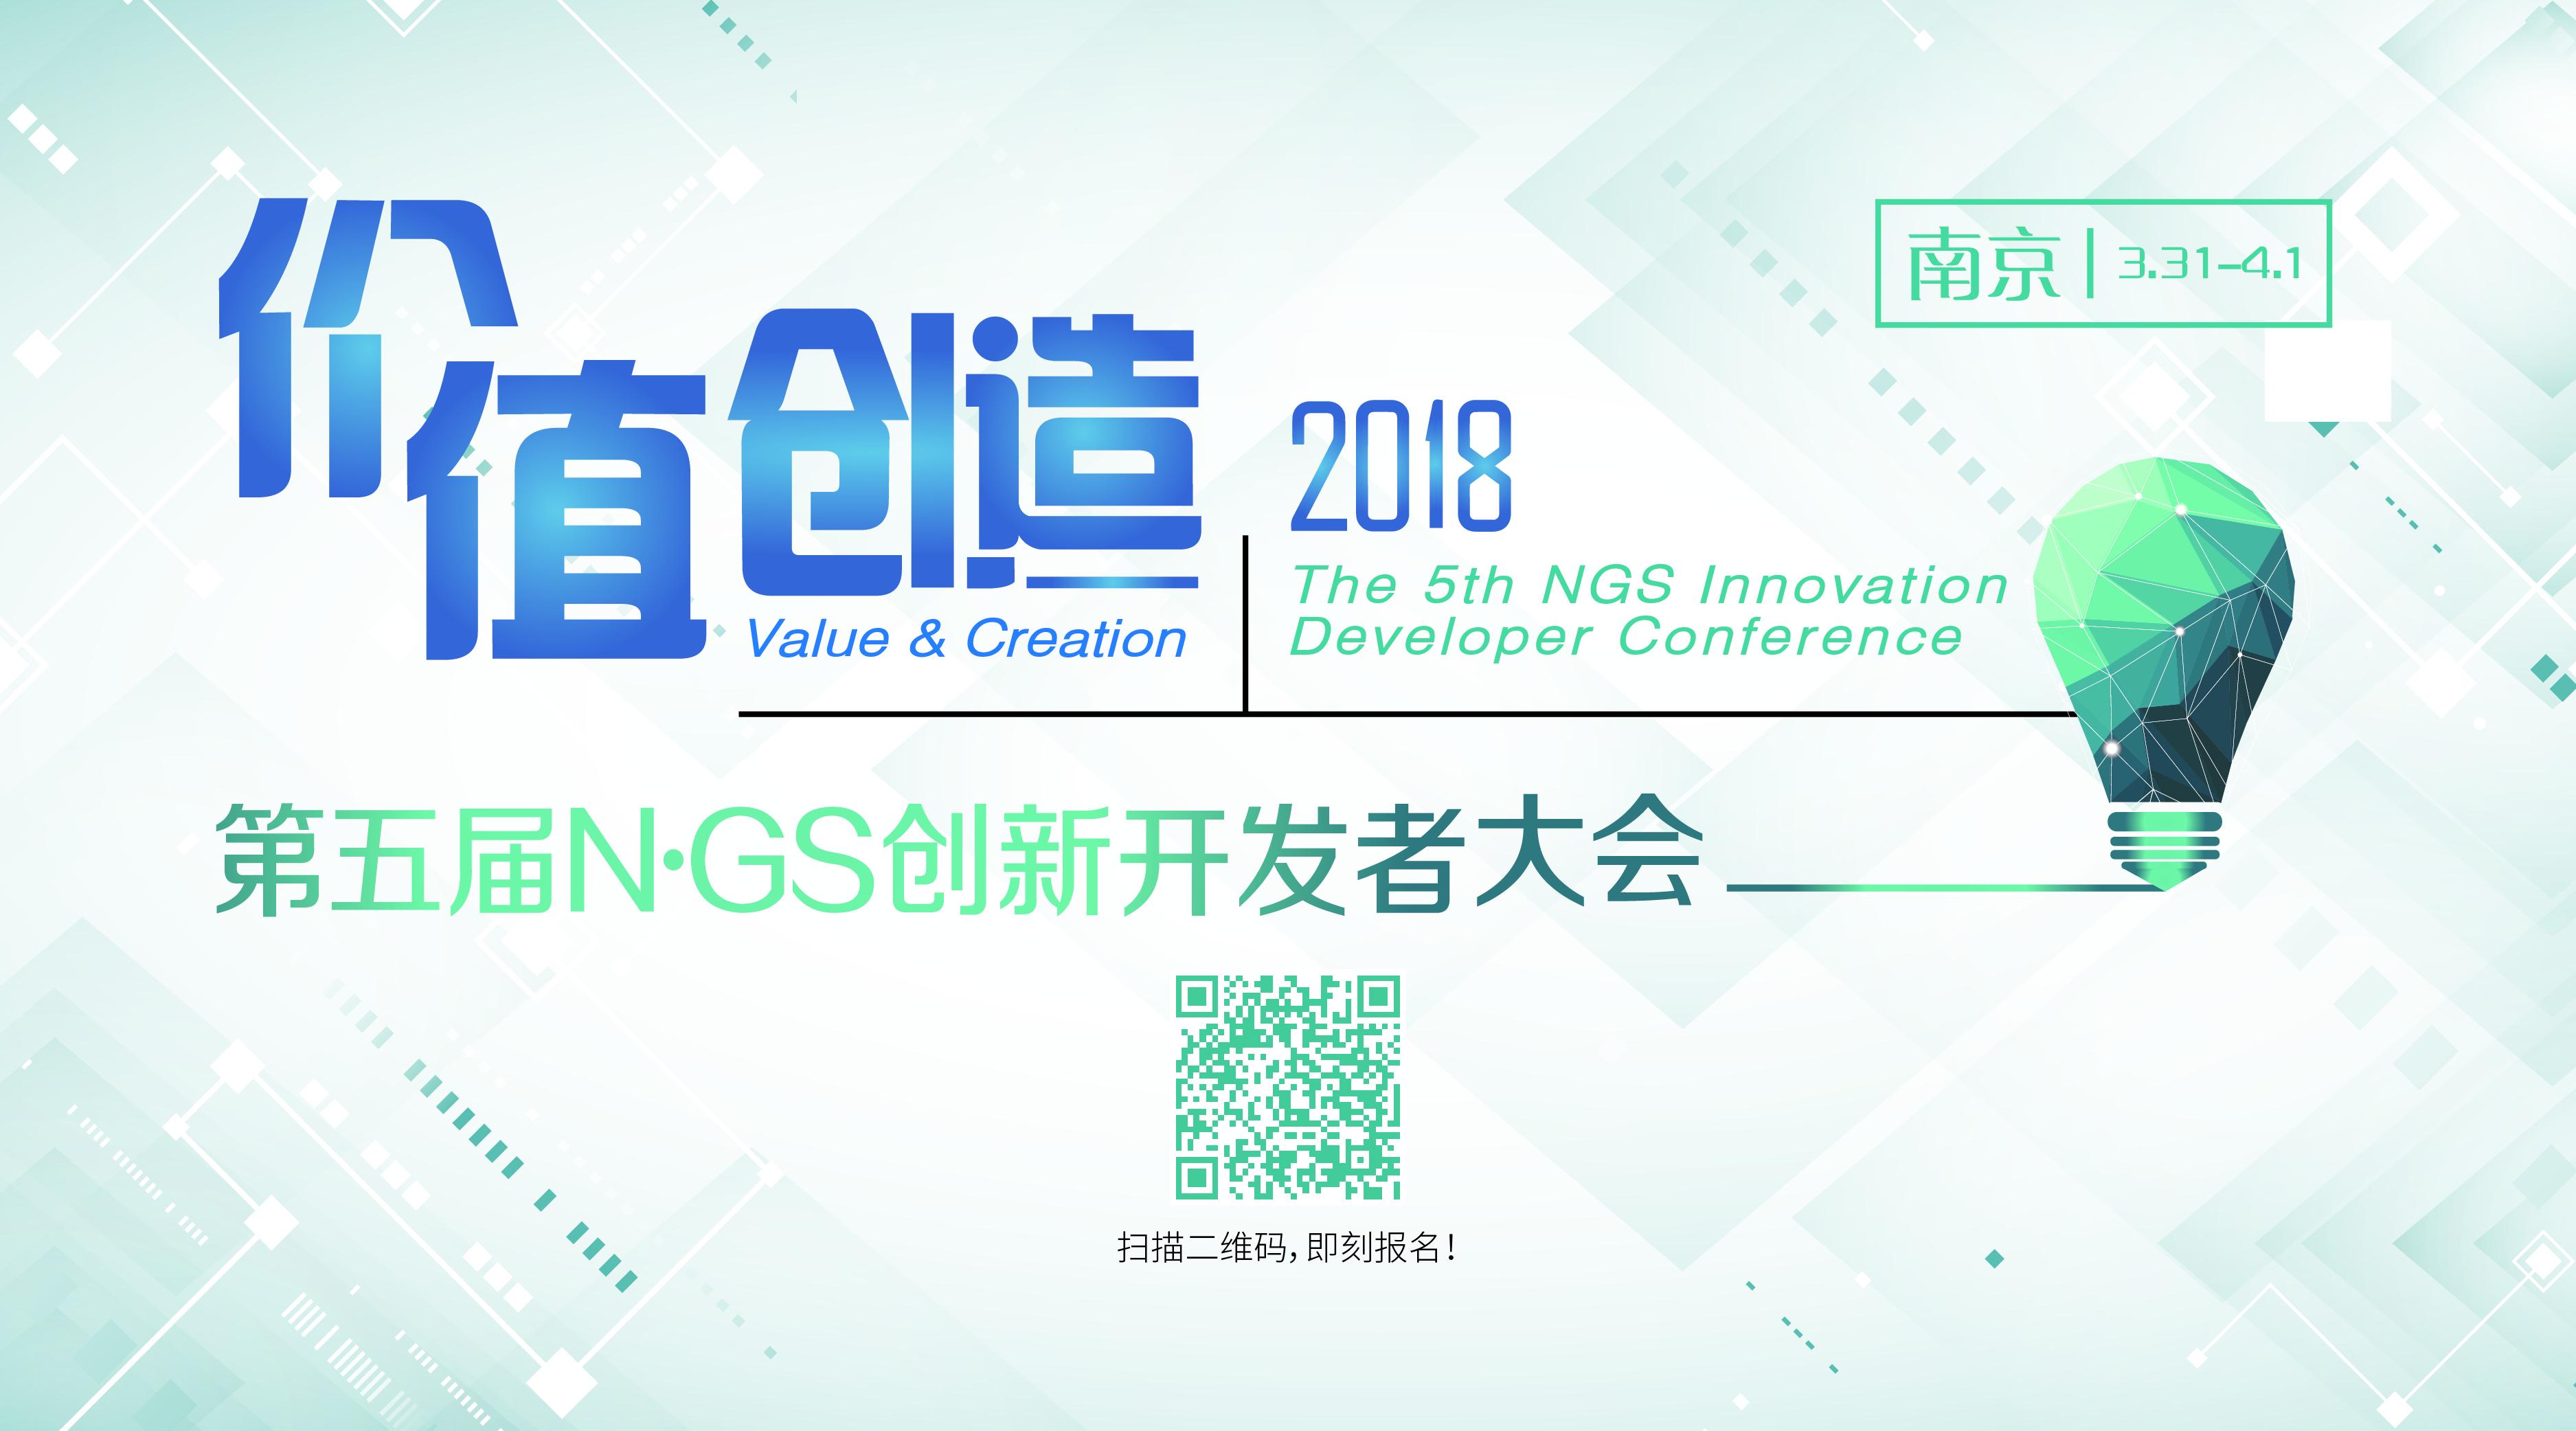 2018第五届NGS创新开发者大会